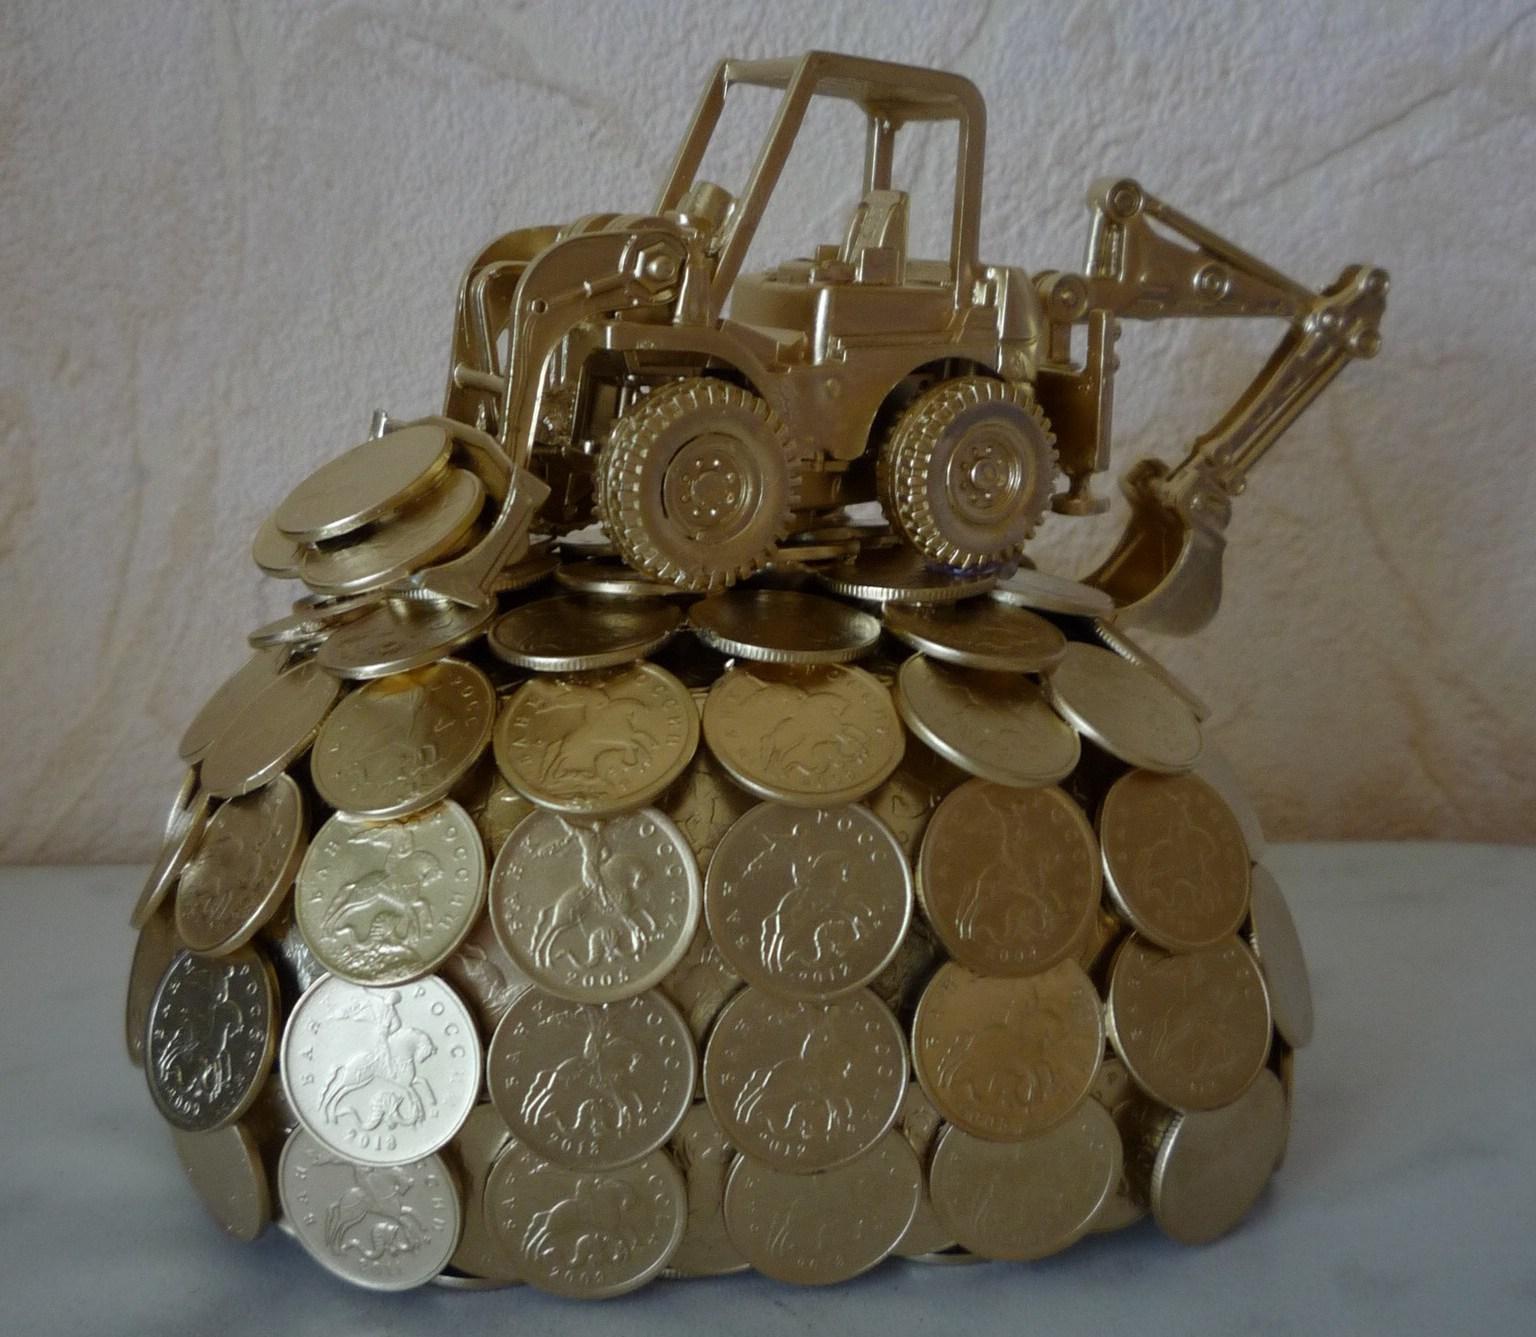 Поделка из монет «Экскаватор» украсит интерьер вашего дома